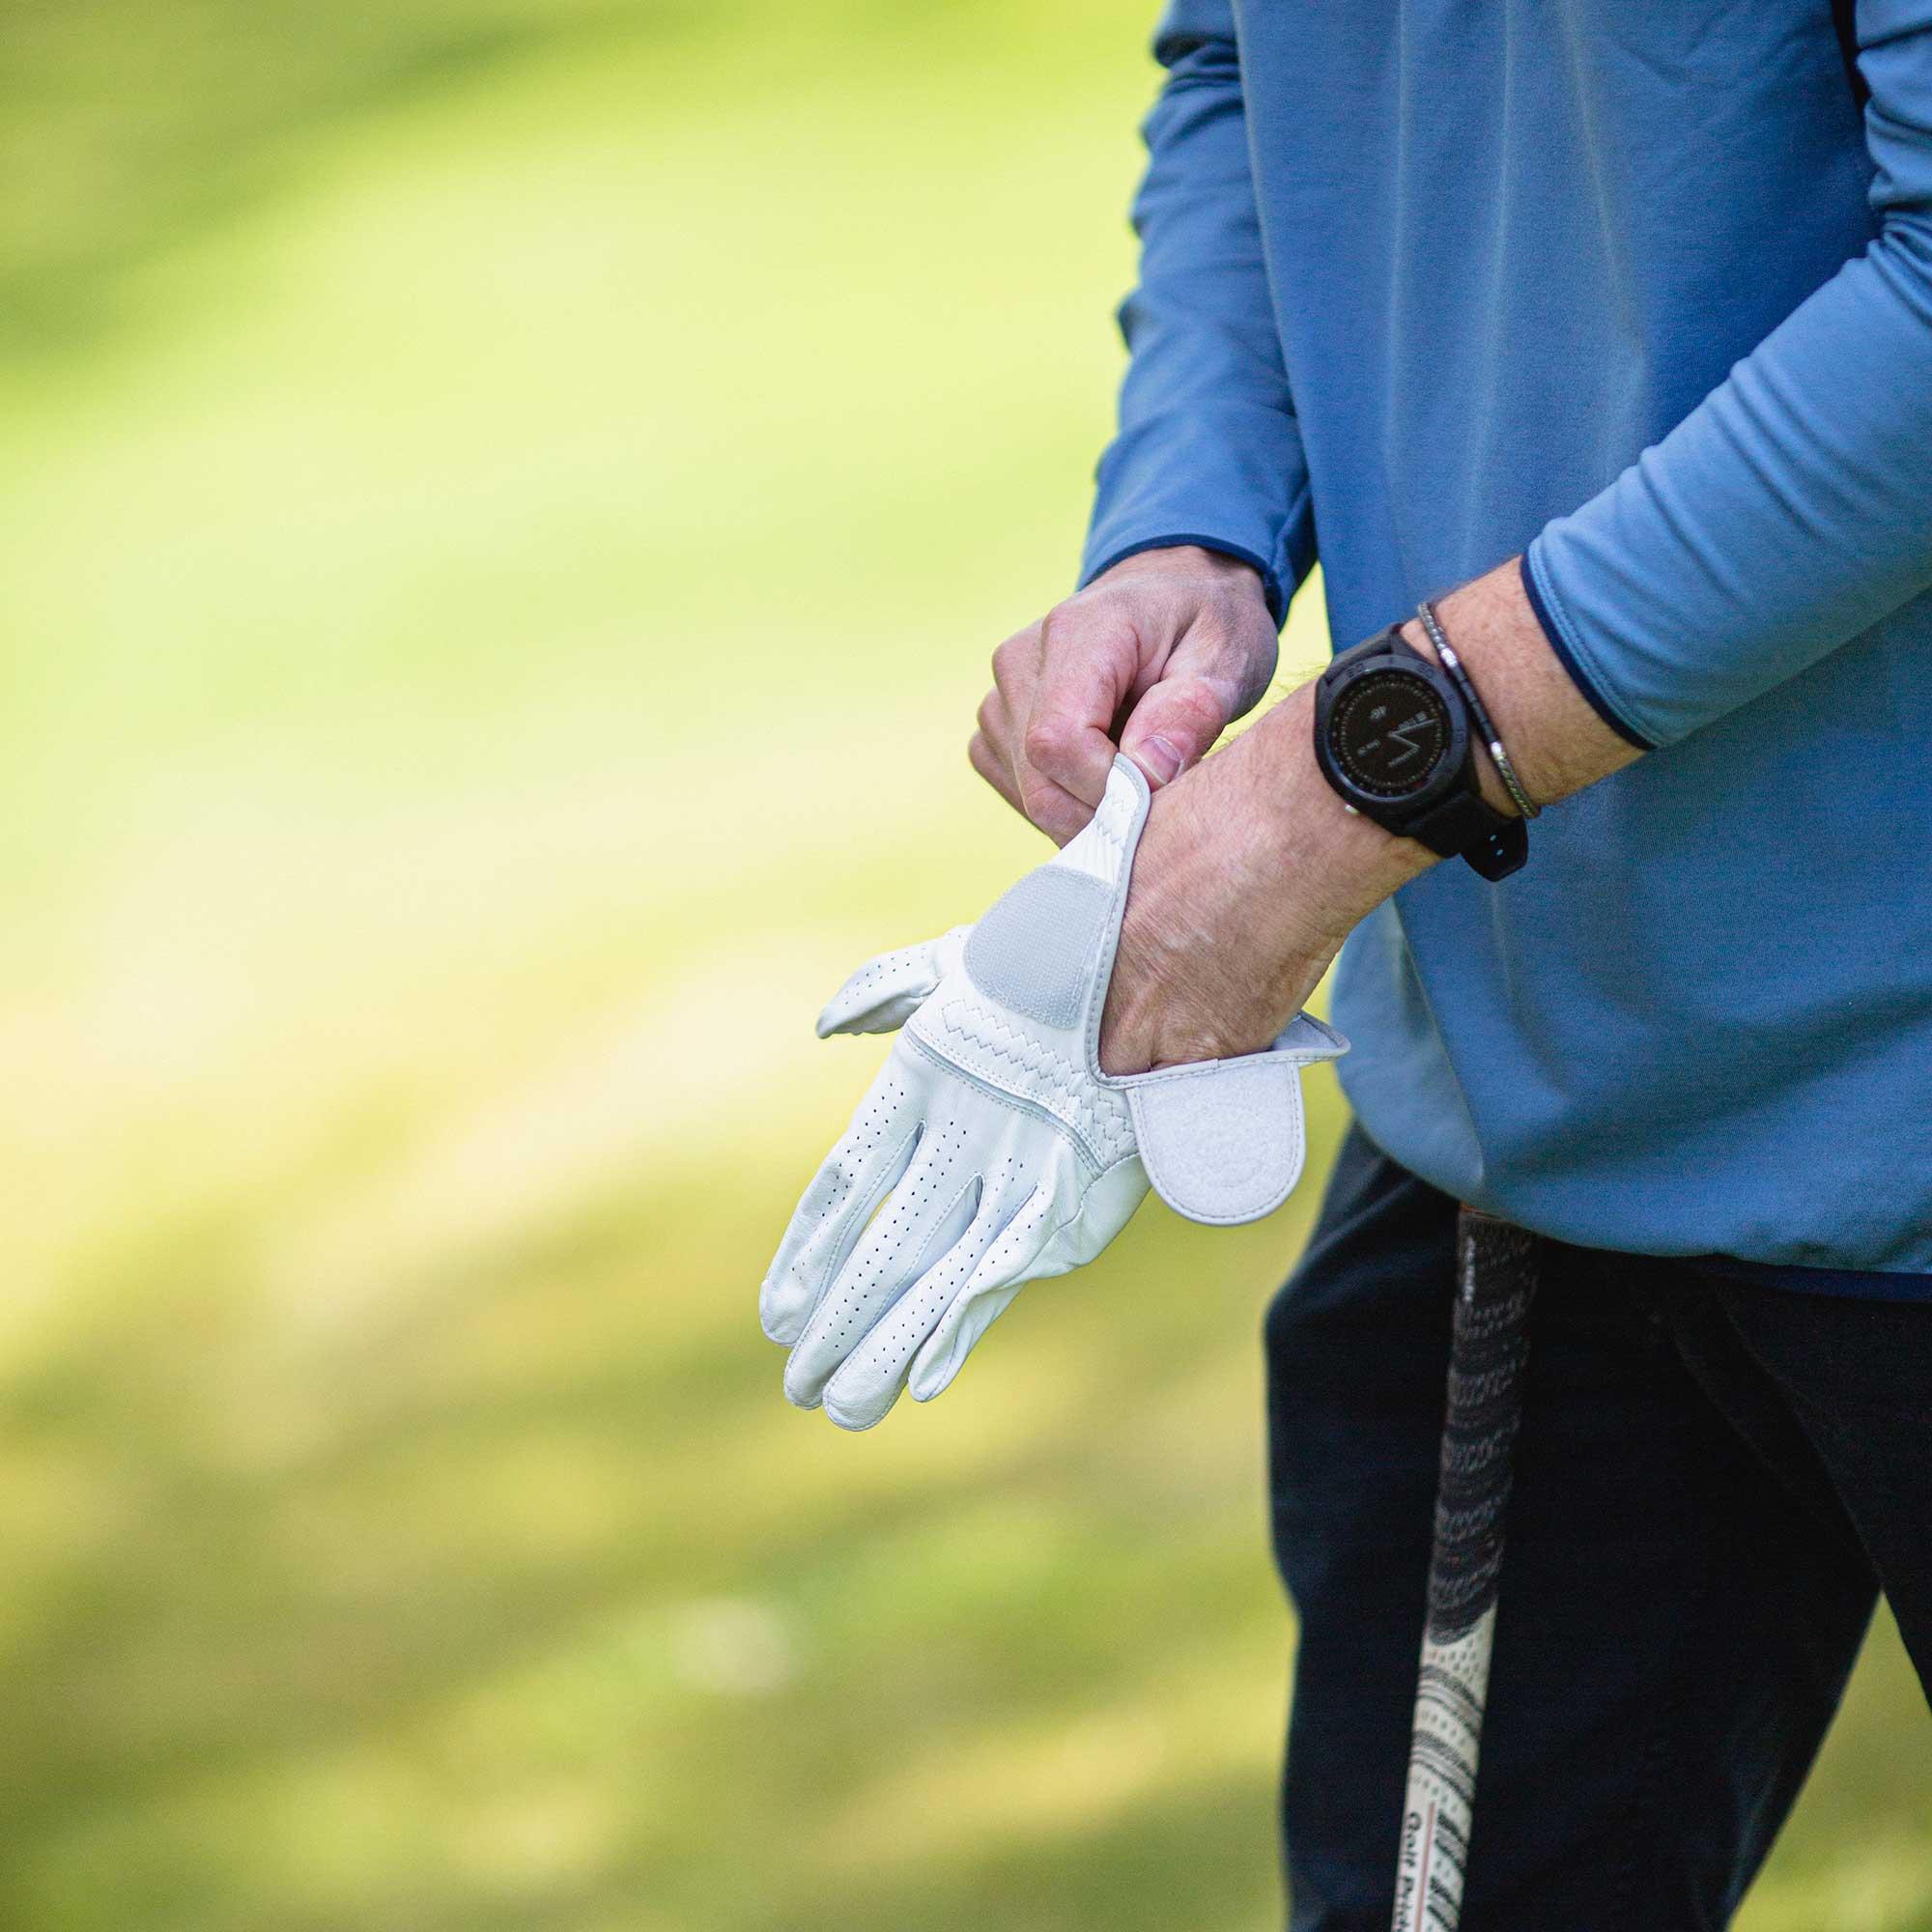 Hand im Golfhandschuh mit Schläger